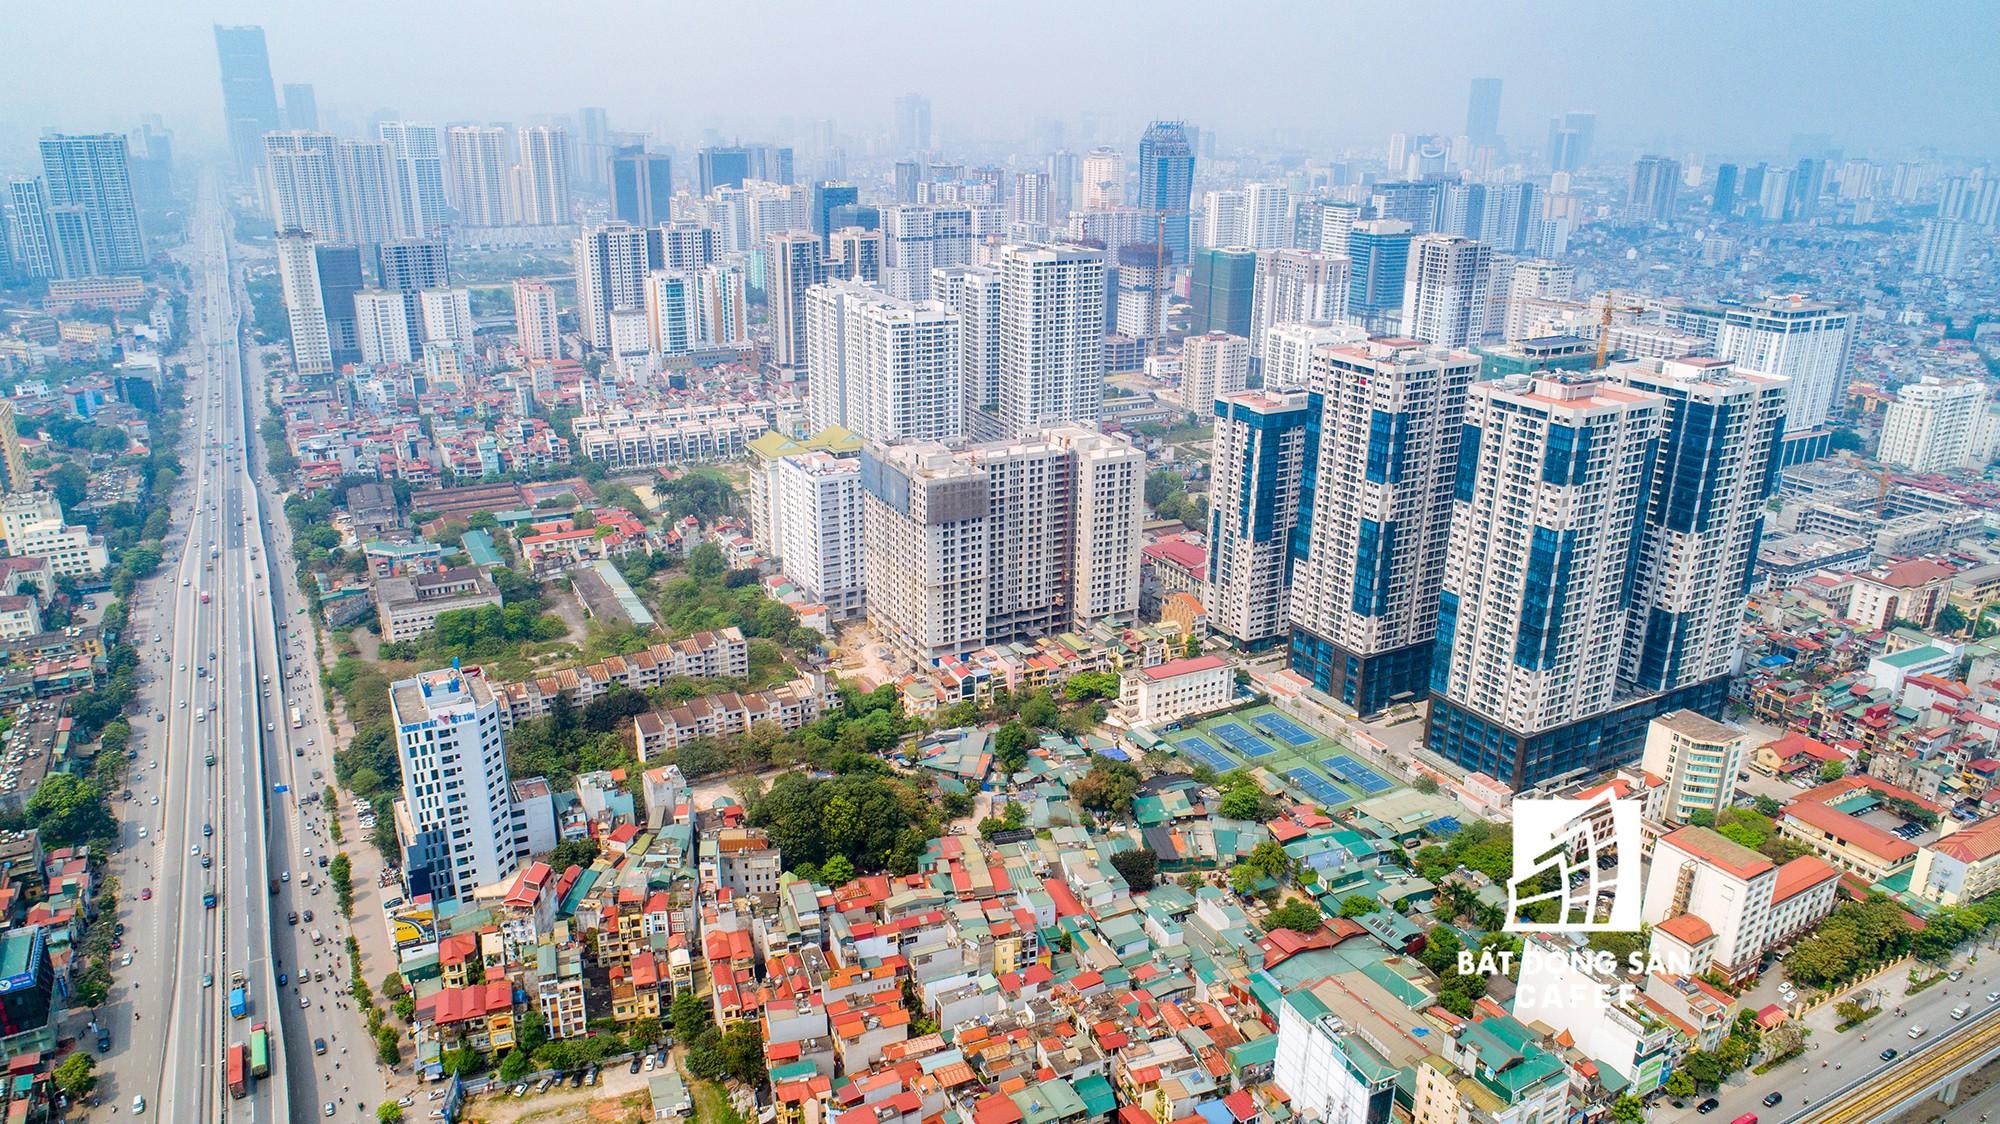 Toàn cảnh rừng cao ốc đang bóp nghẹt khu đô thị kiểu mẫu bậc nhất Hà Nội - Ảnh 2.